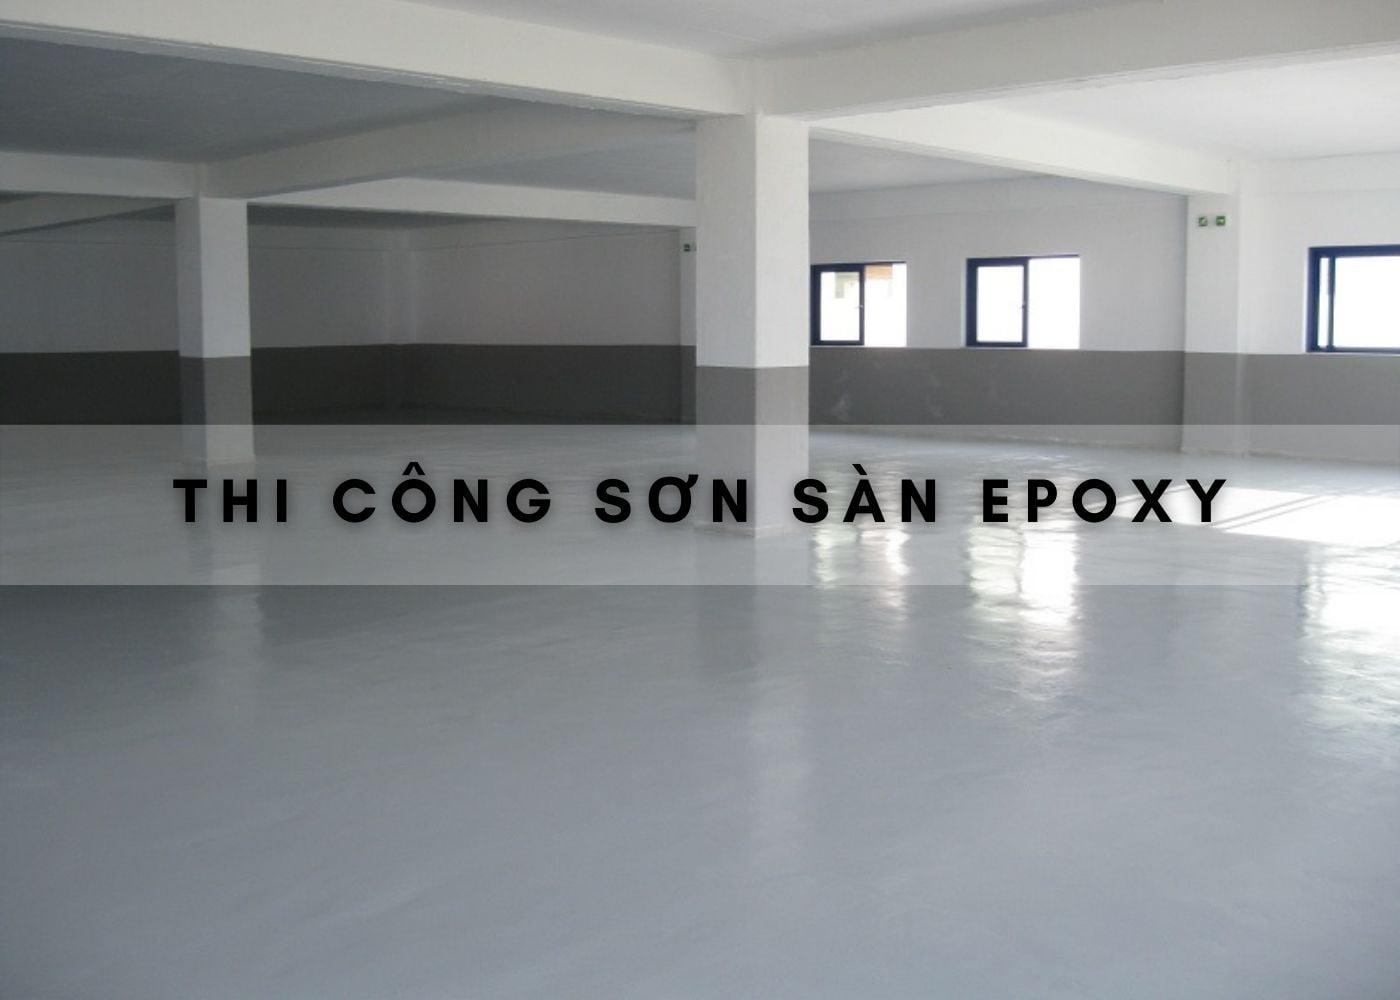 thi-cong-son-san-epoxy